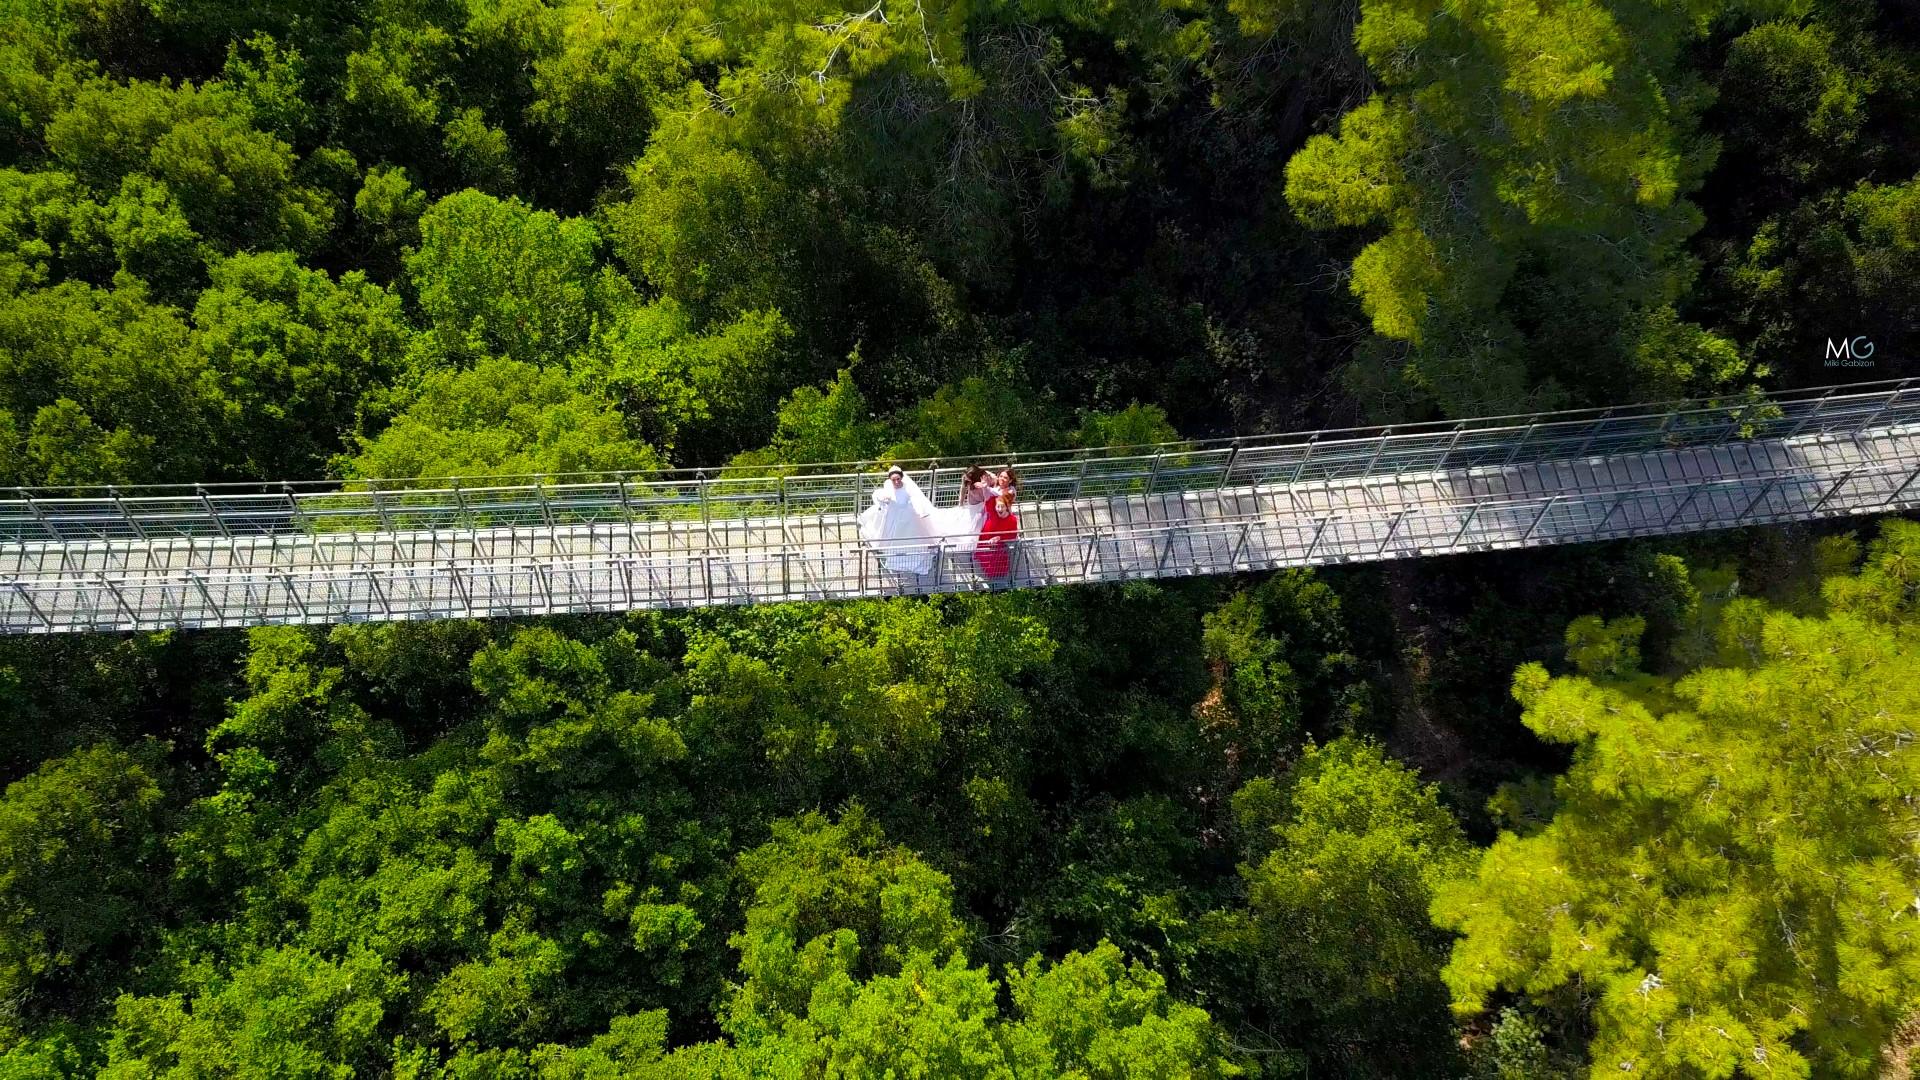 צילום רחפן כלה ביער מיקי גביזון